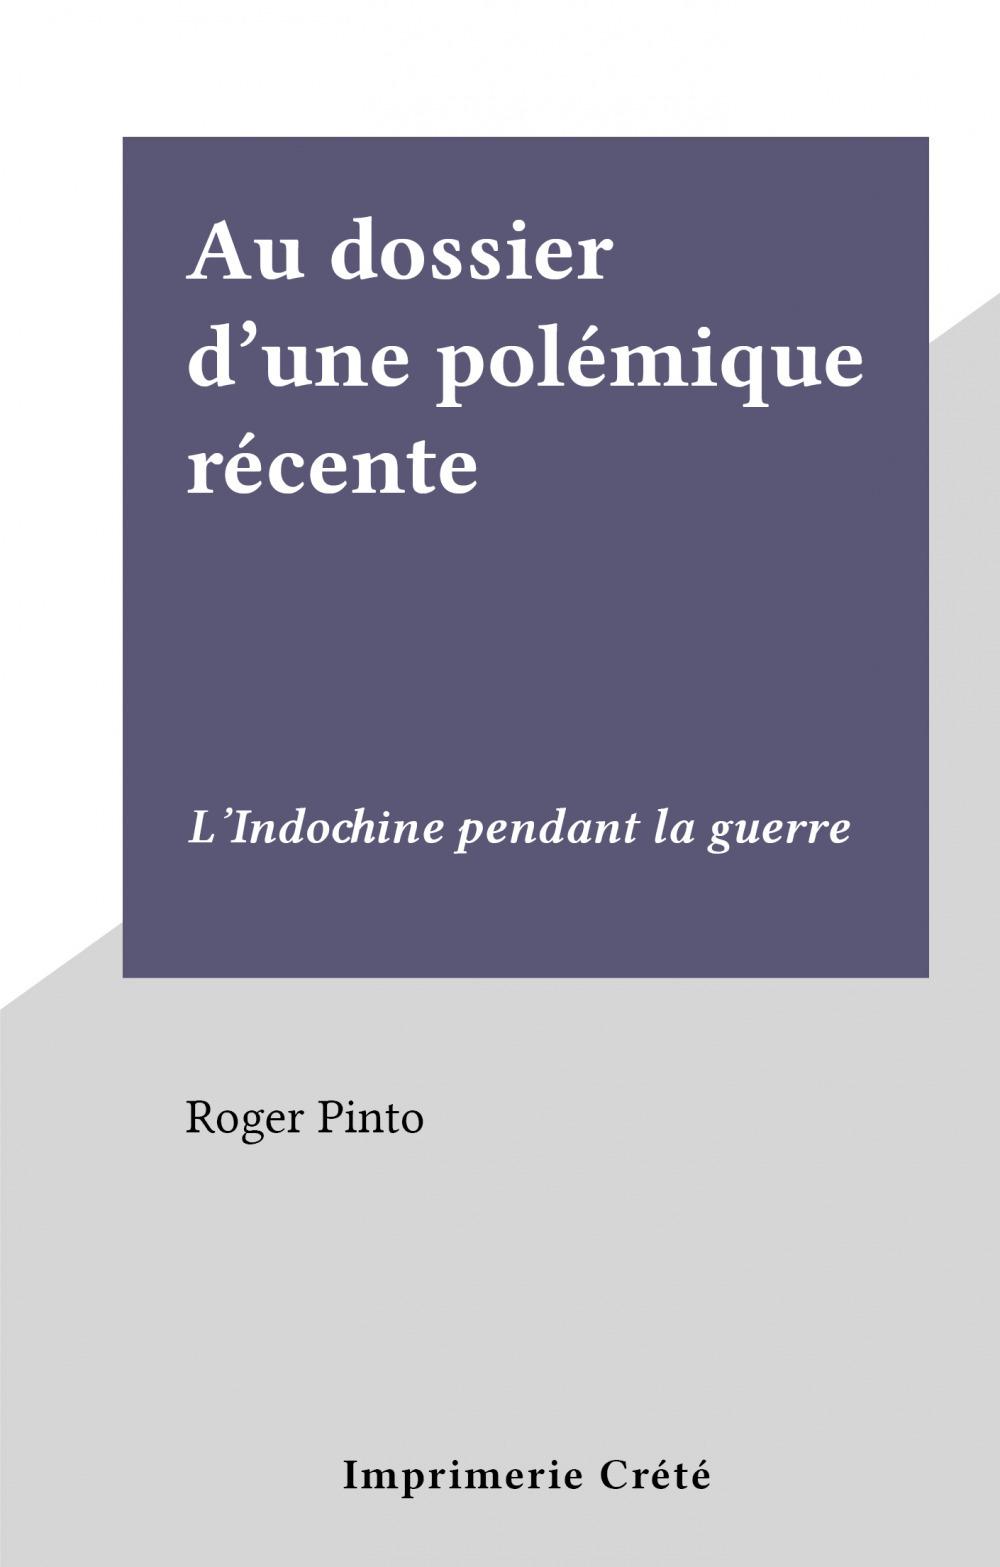 Au dossier d'une polémique récente  - Roger Pinto